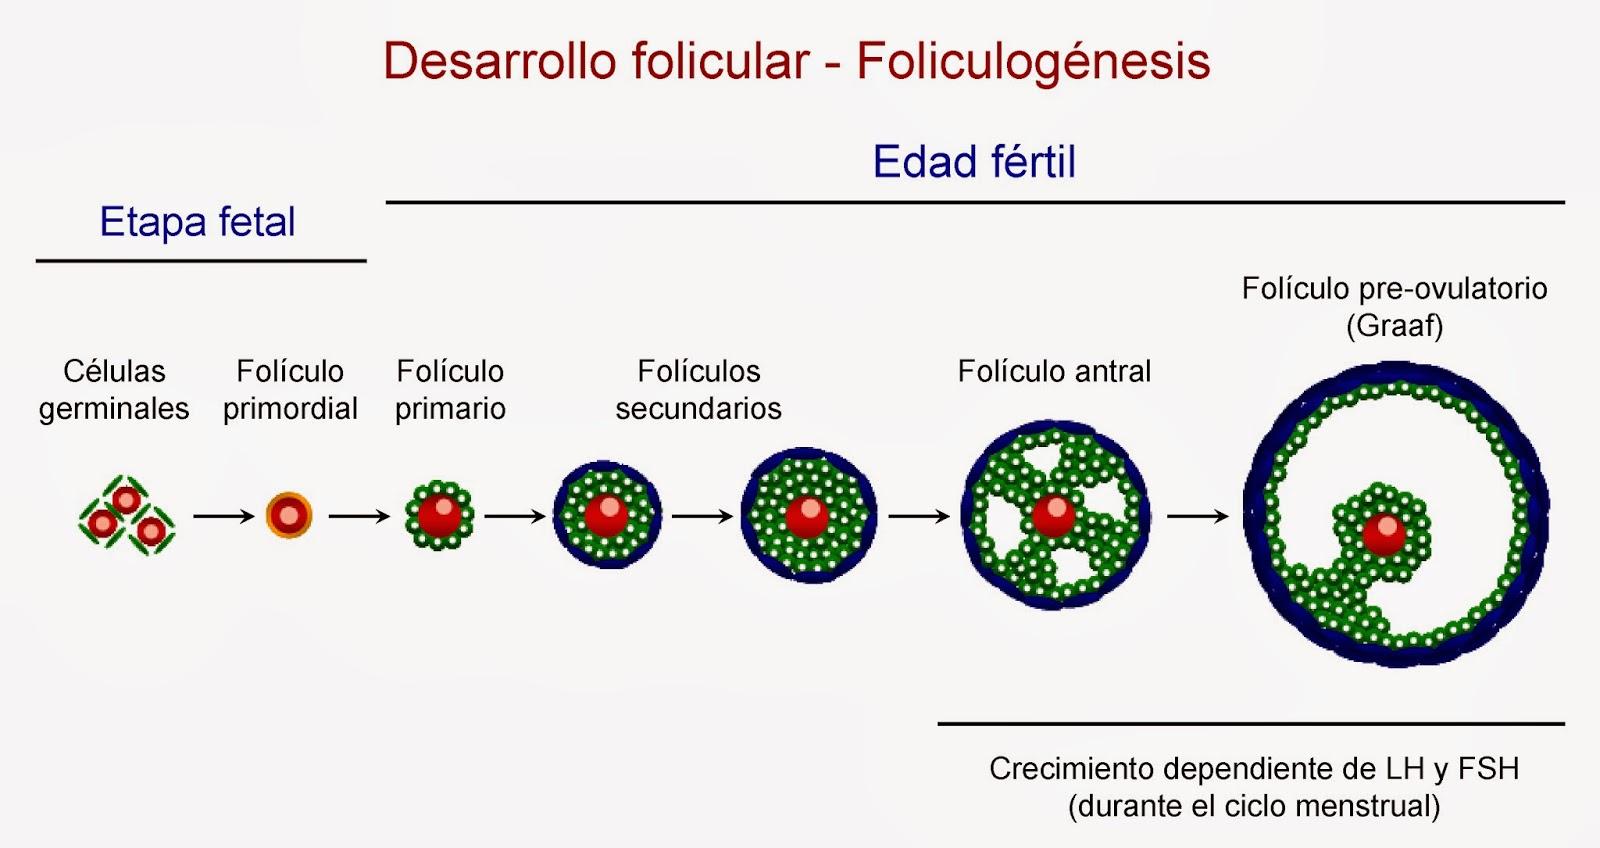 Desarrollo de los folículos a lo largo de la etapa fetal y la edad fértil de la mujer